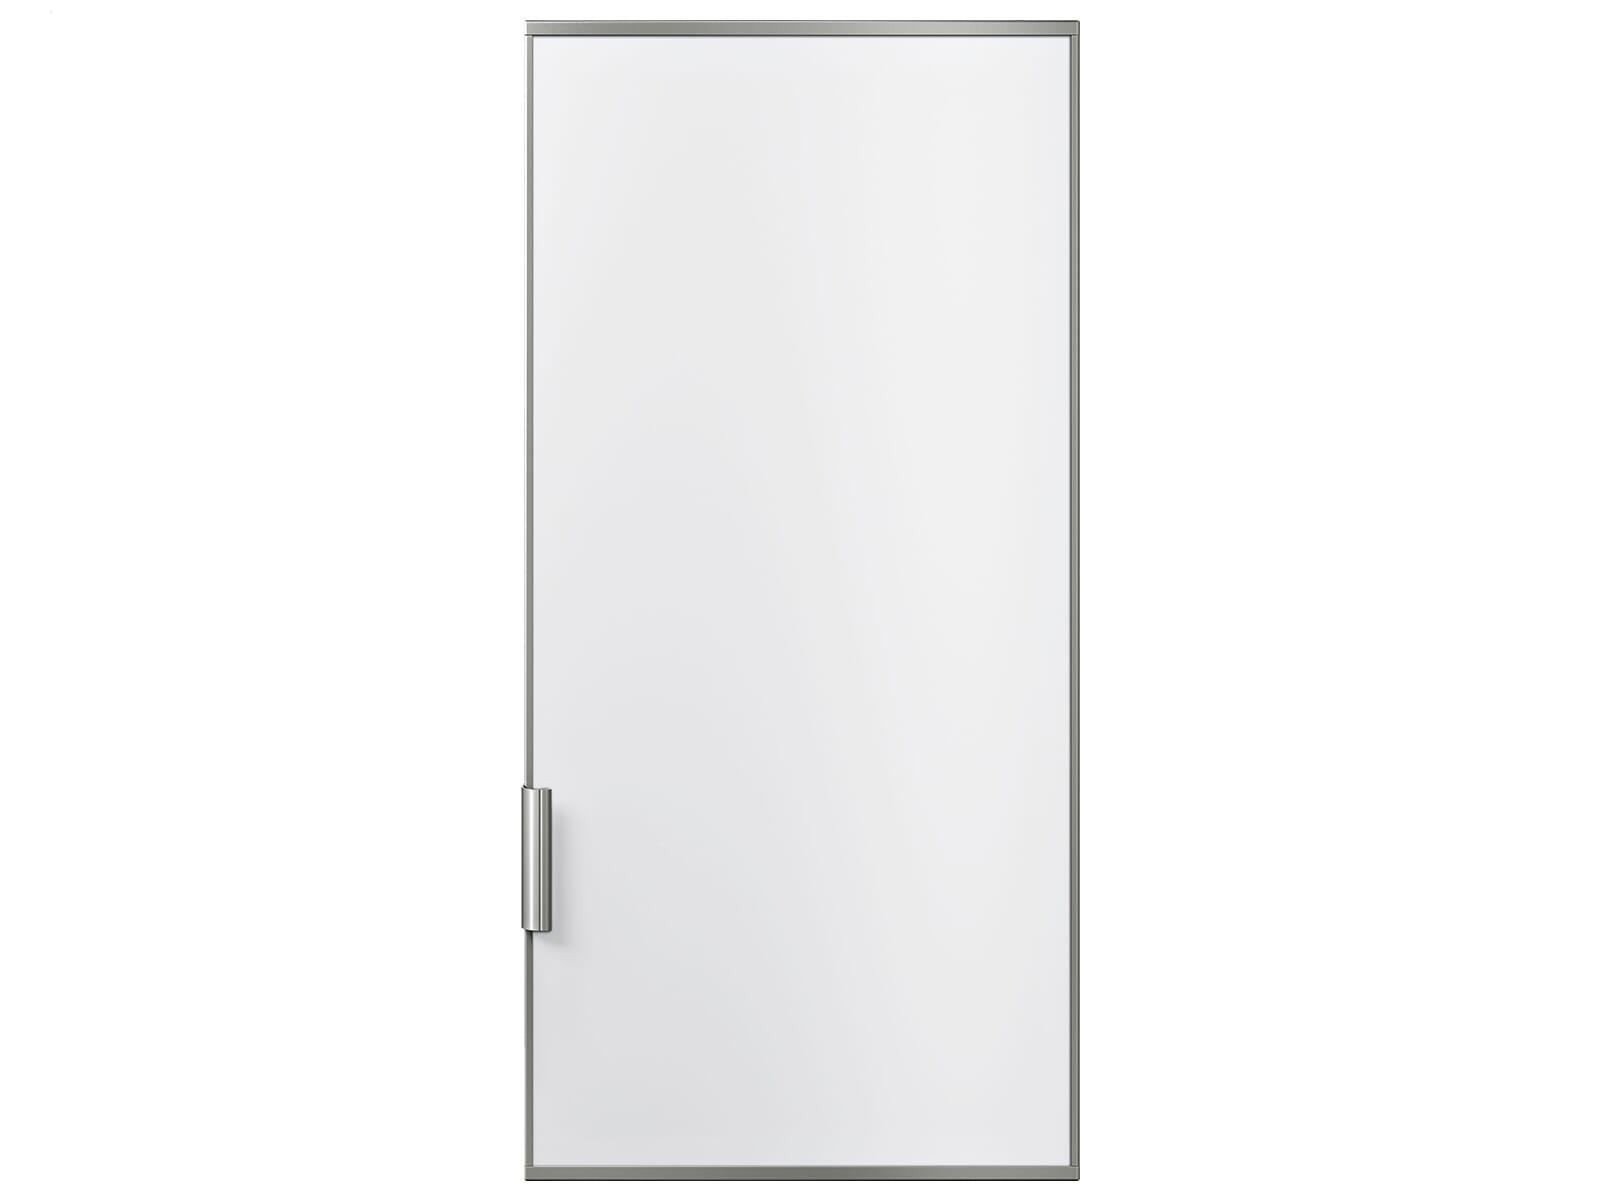 Produktabbildung Siemens KF40ZAX0 Türfront weiß mit Dekorrahmen